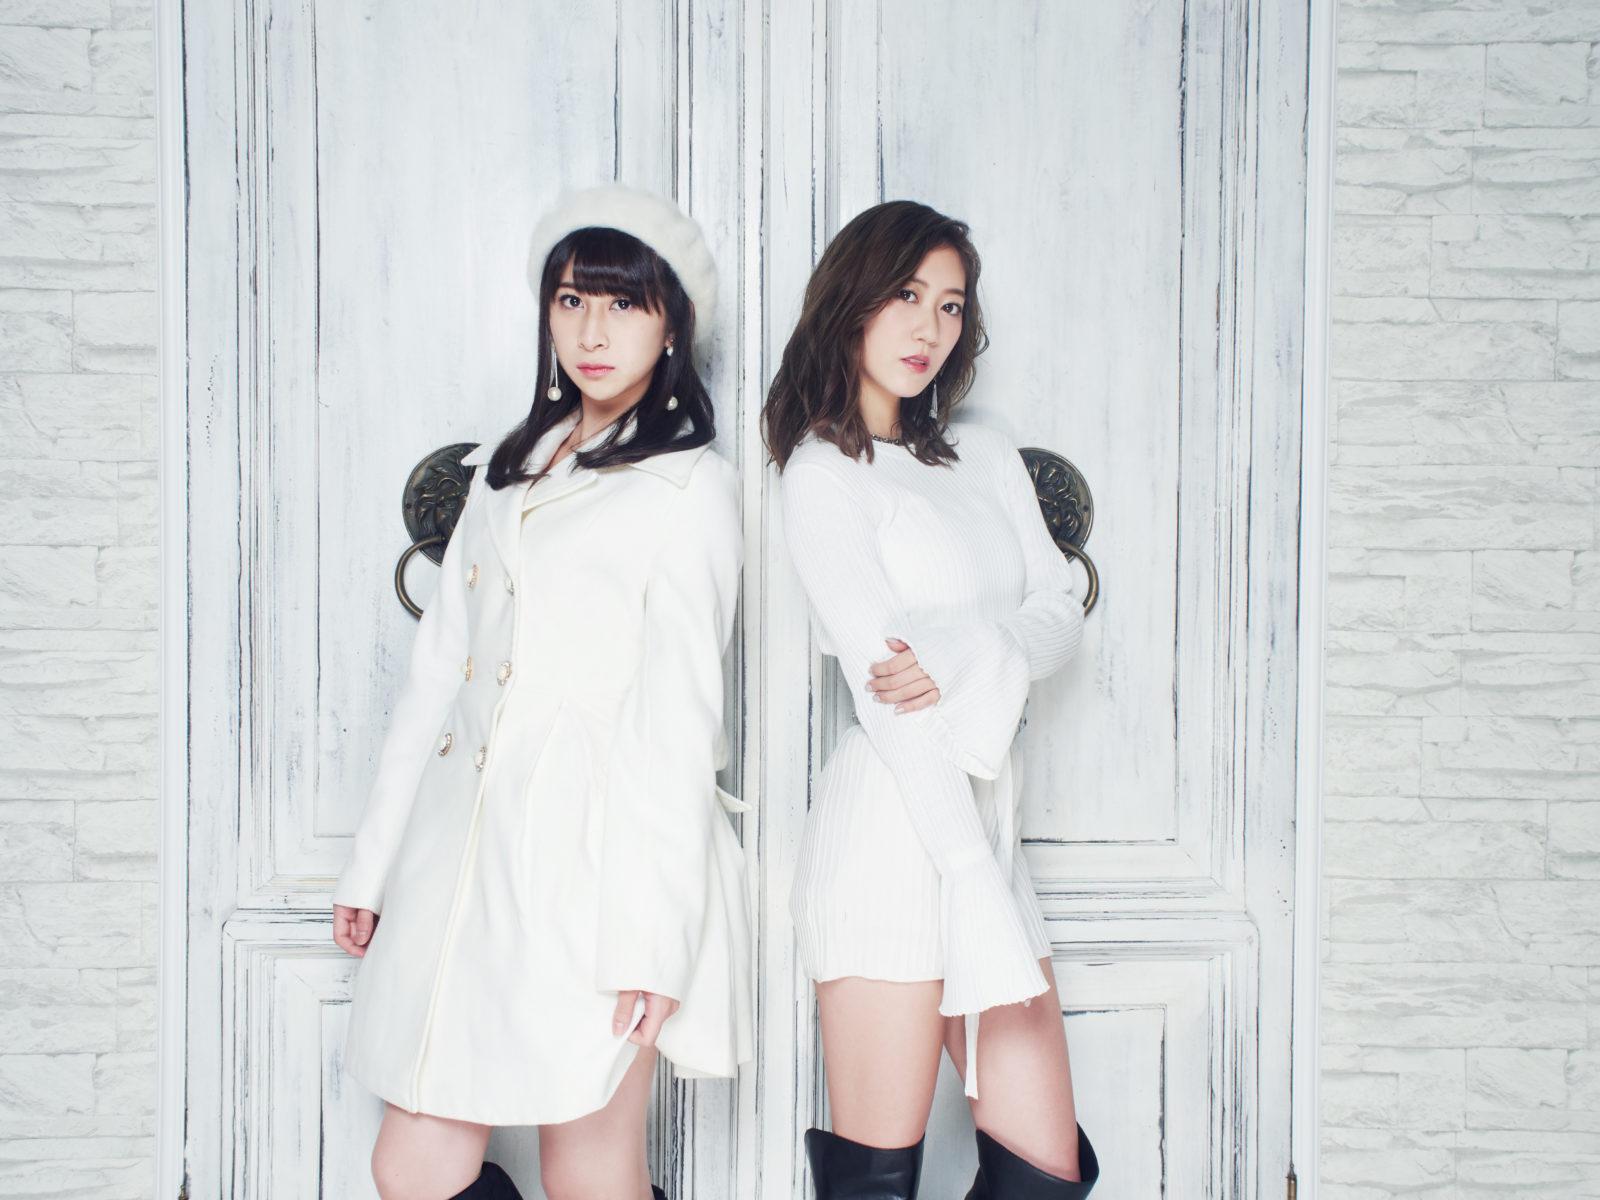 ツインボーカルユニットBESTIEM 来年発売シングルのジャケ写&MV解禁サムネイル画像